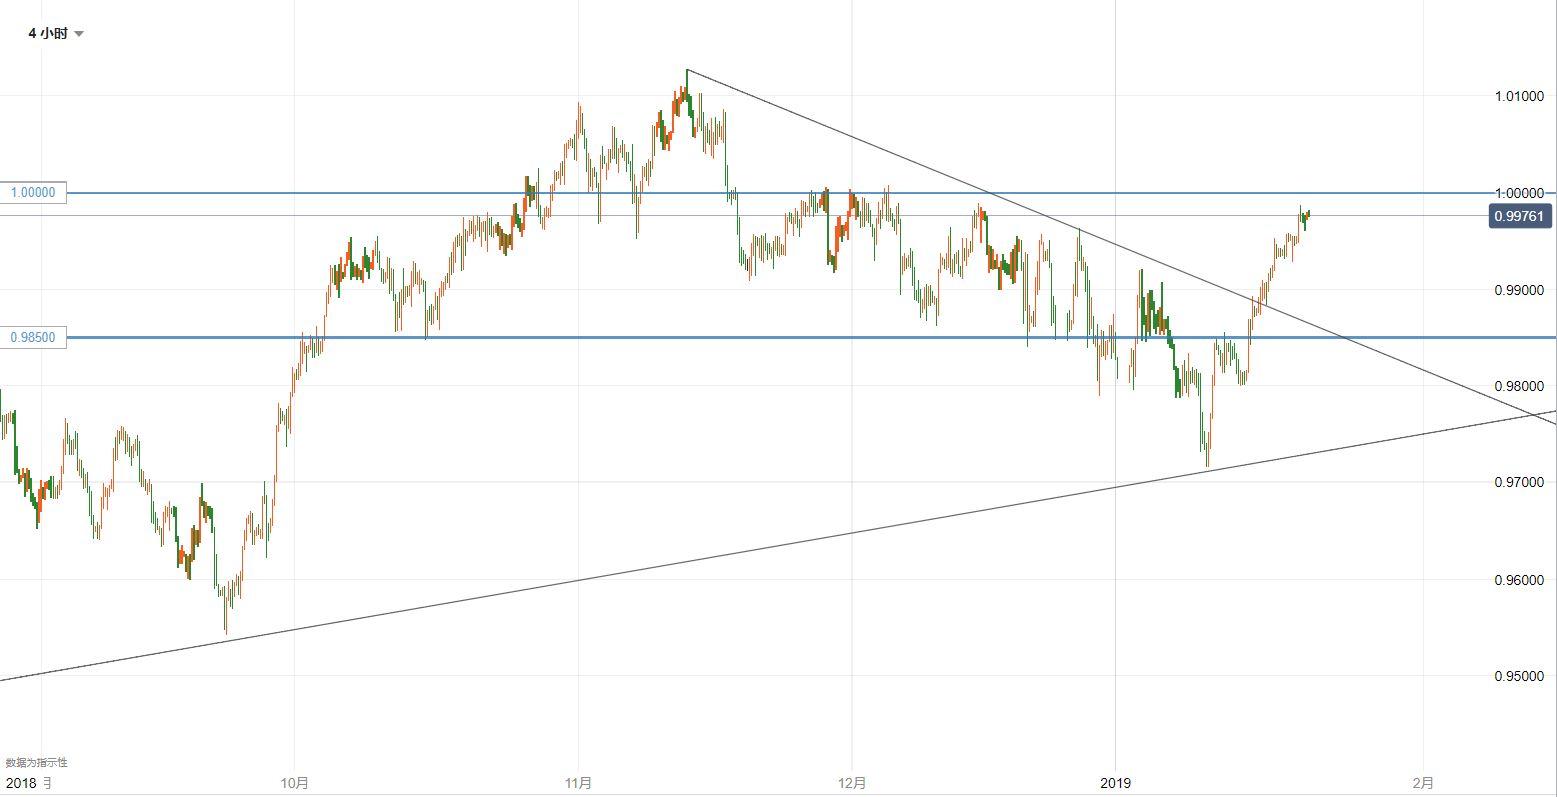 美元/瑞郎技术分析:仍关注平价关口阻力情况